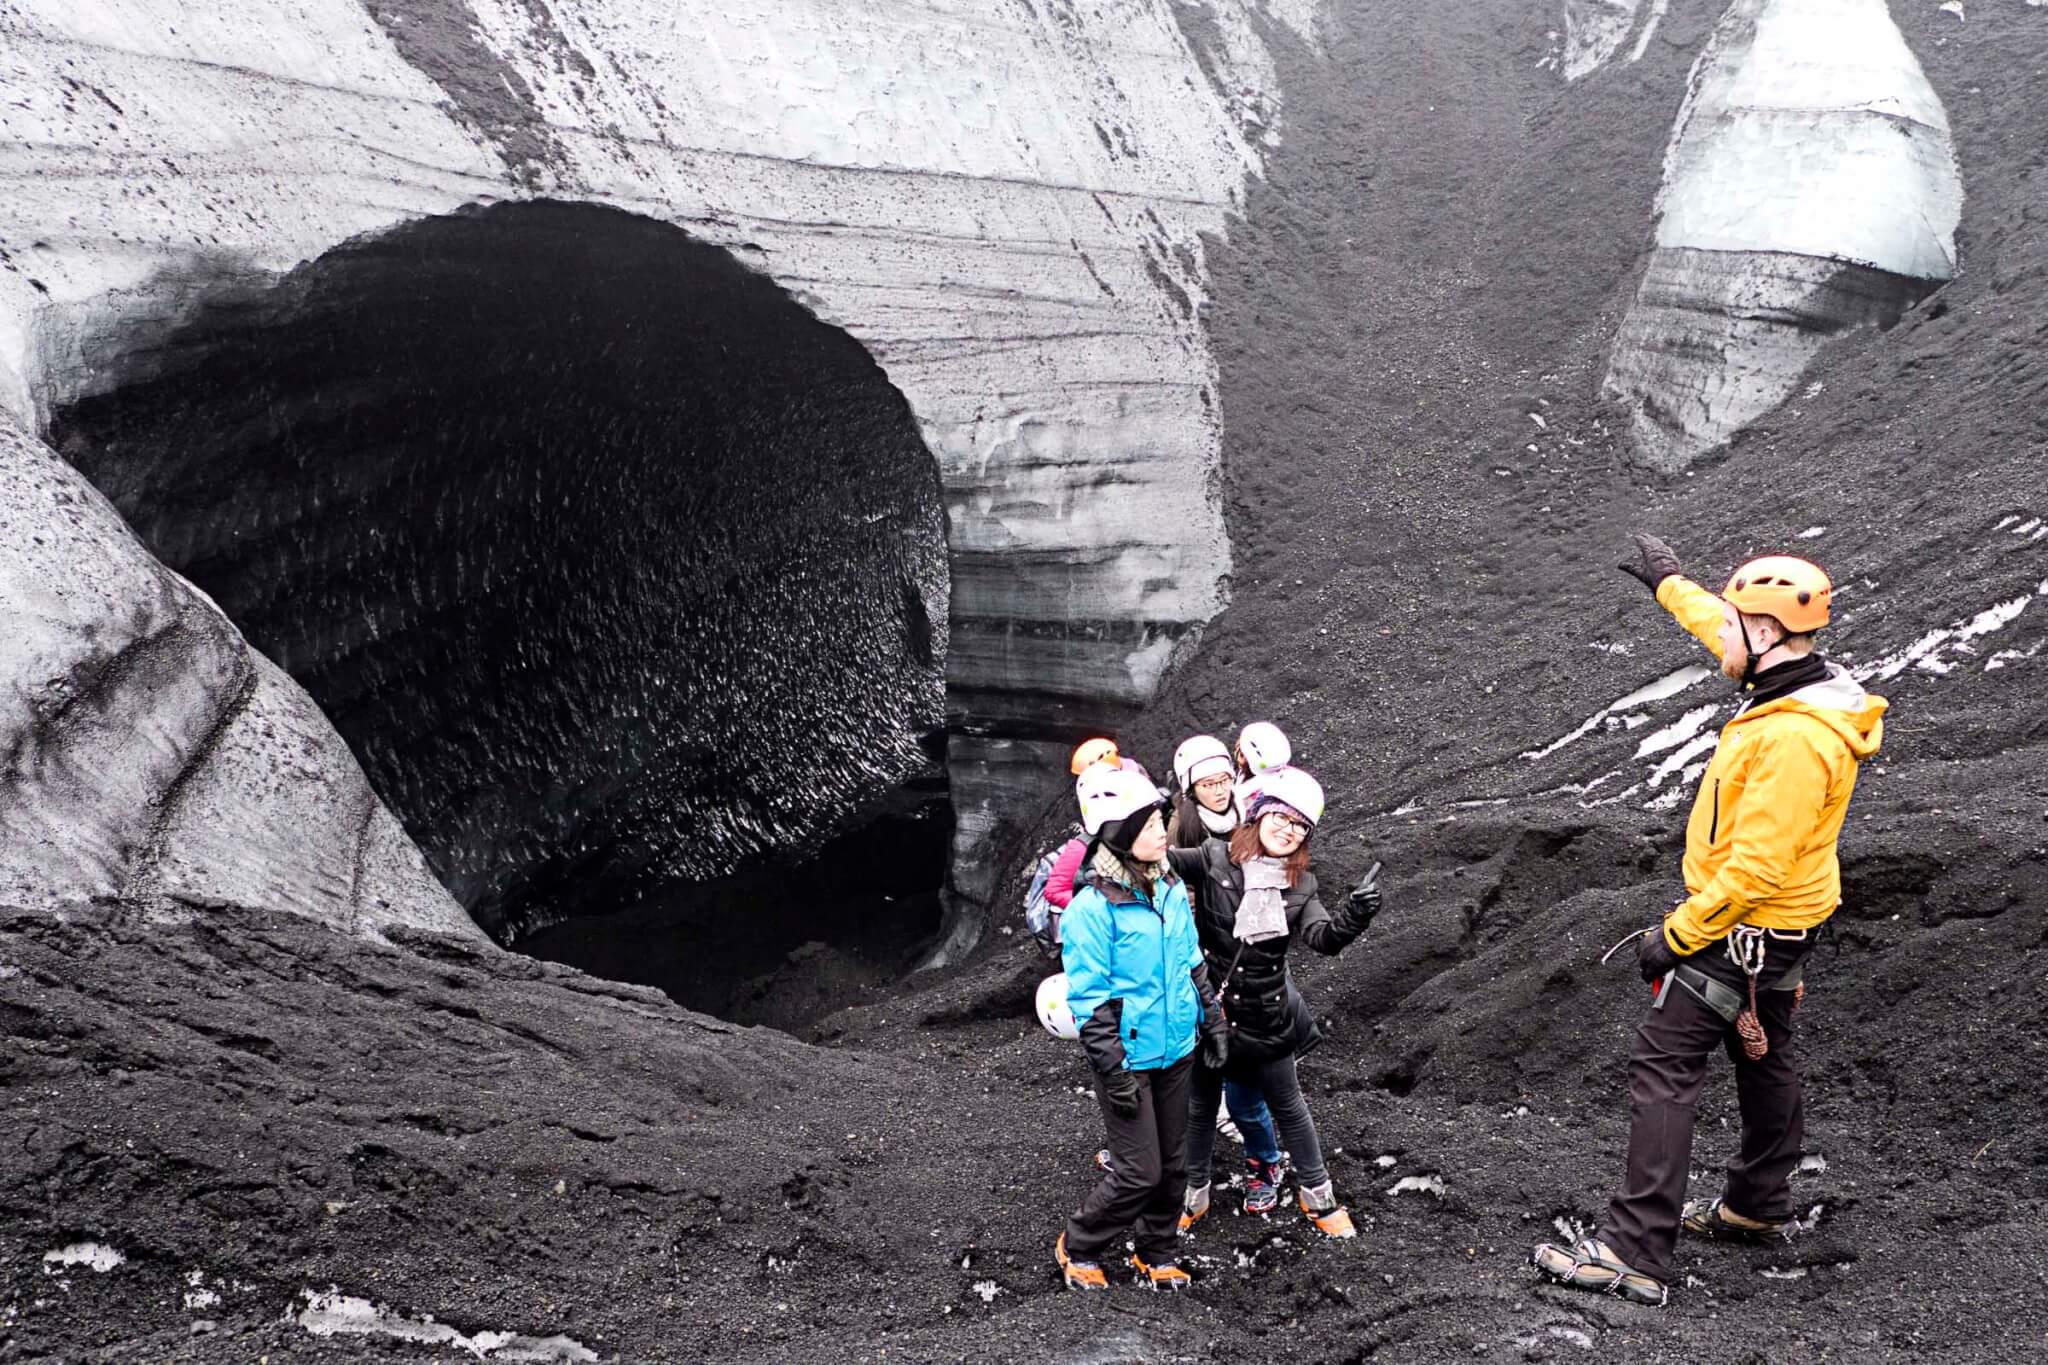 Island Gletscherhöhle Ausgang